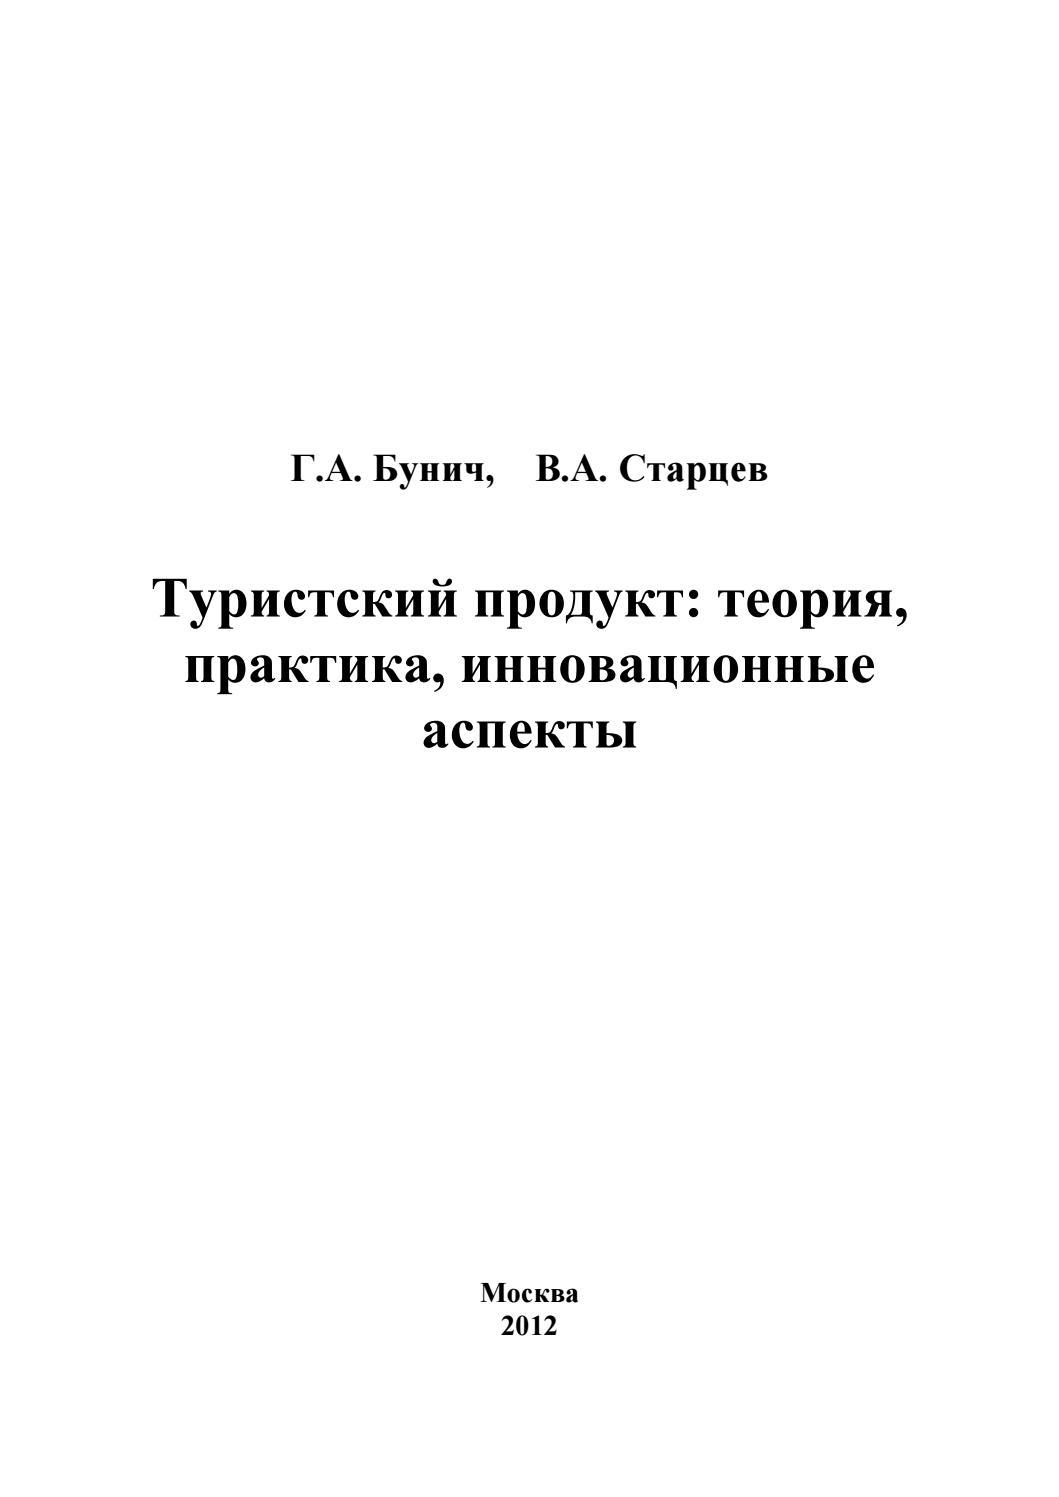 список литературы деньги кредит банки 2020-2020 узнать задолженность по кредиту русский стандарт